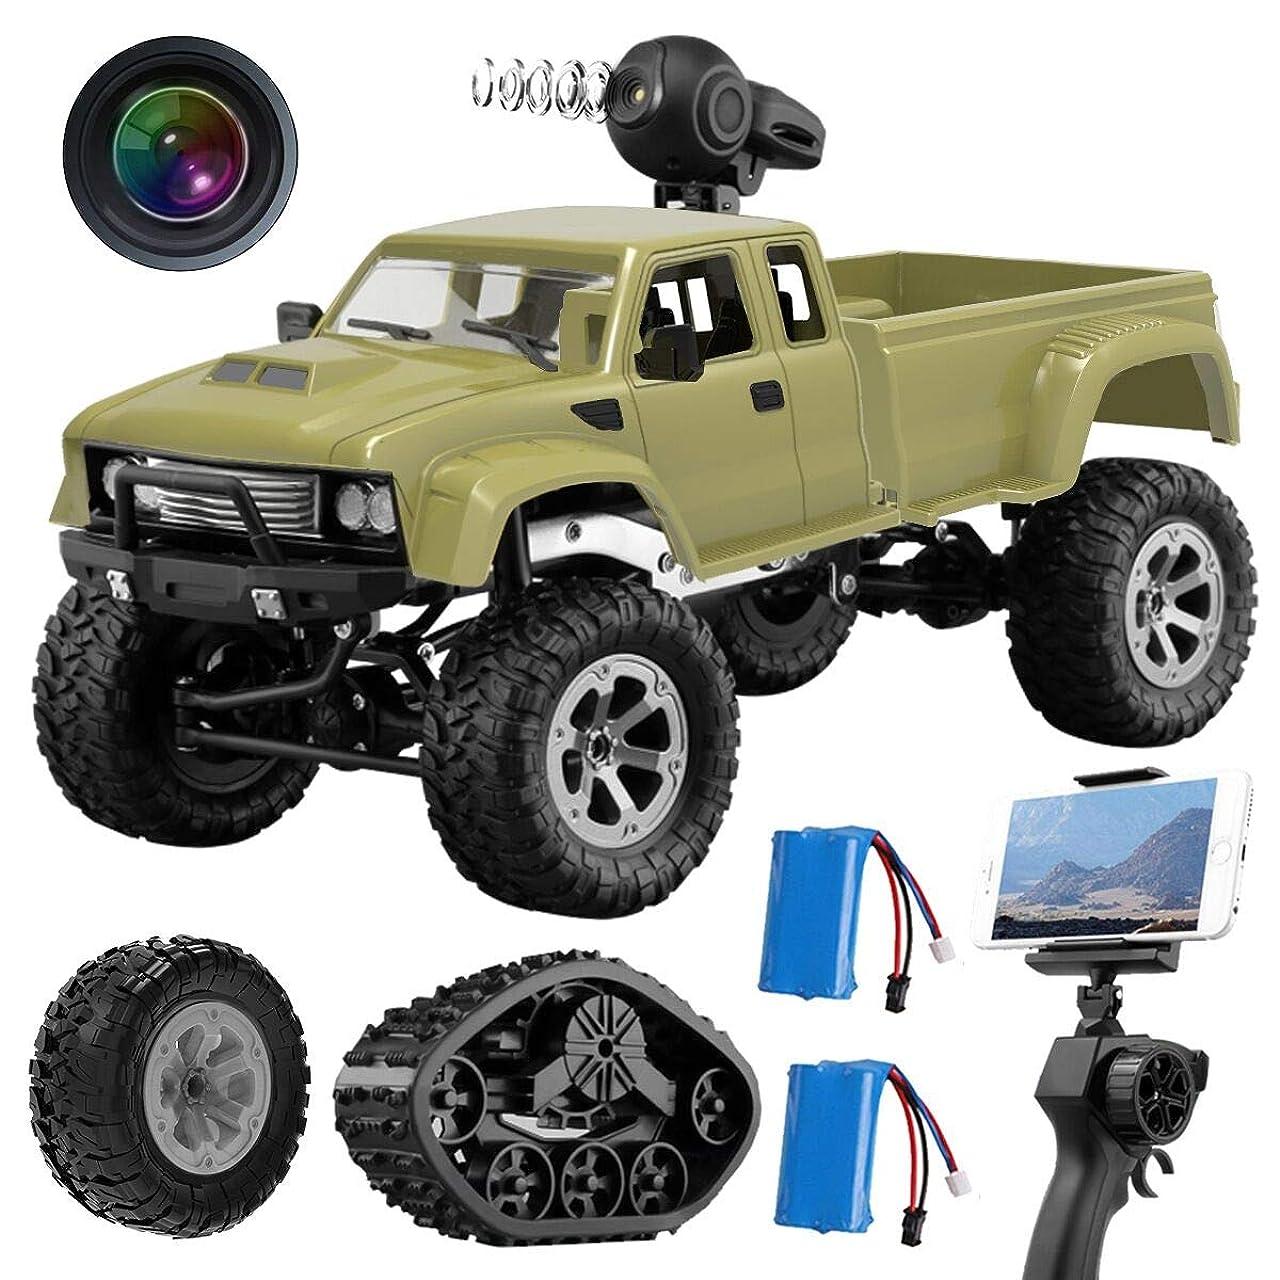 リファインフルーツマチュピチュラジコンカーREMOKING トラック 1/16 2.4GHz 4WD タイヤ 交換可能 480P Wi-Fi FPV カメラ付リアル タイム トランス ミッション 3000G ロード スノータイヤ オフロード LEDヘッドライト付き フルスケール リモコンカー 高速 RCカー クローラー 子供おもちゃ 写真 ビデオ 撮影 (黄)